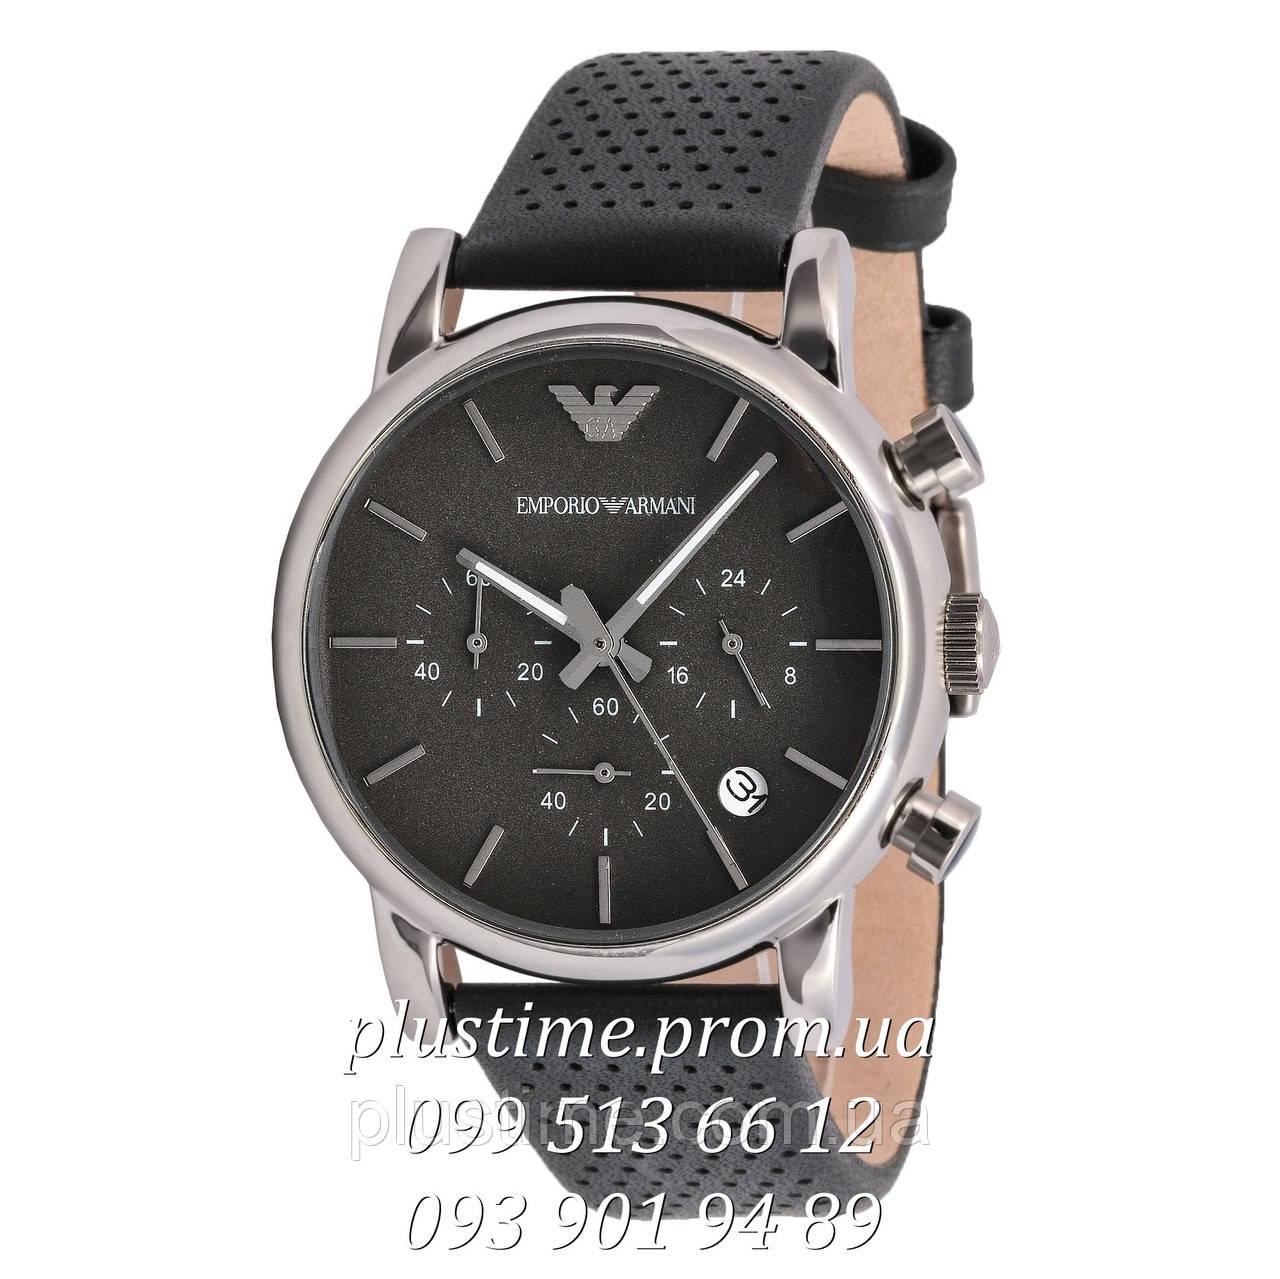 Часы кварц хронограф купить в где купить часы q50